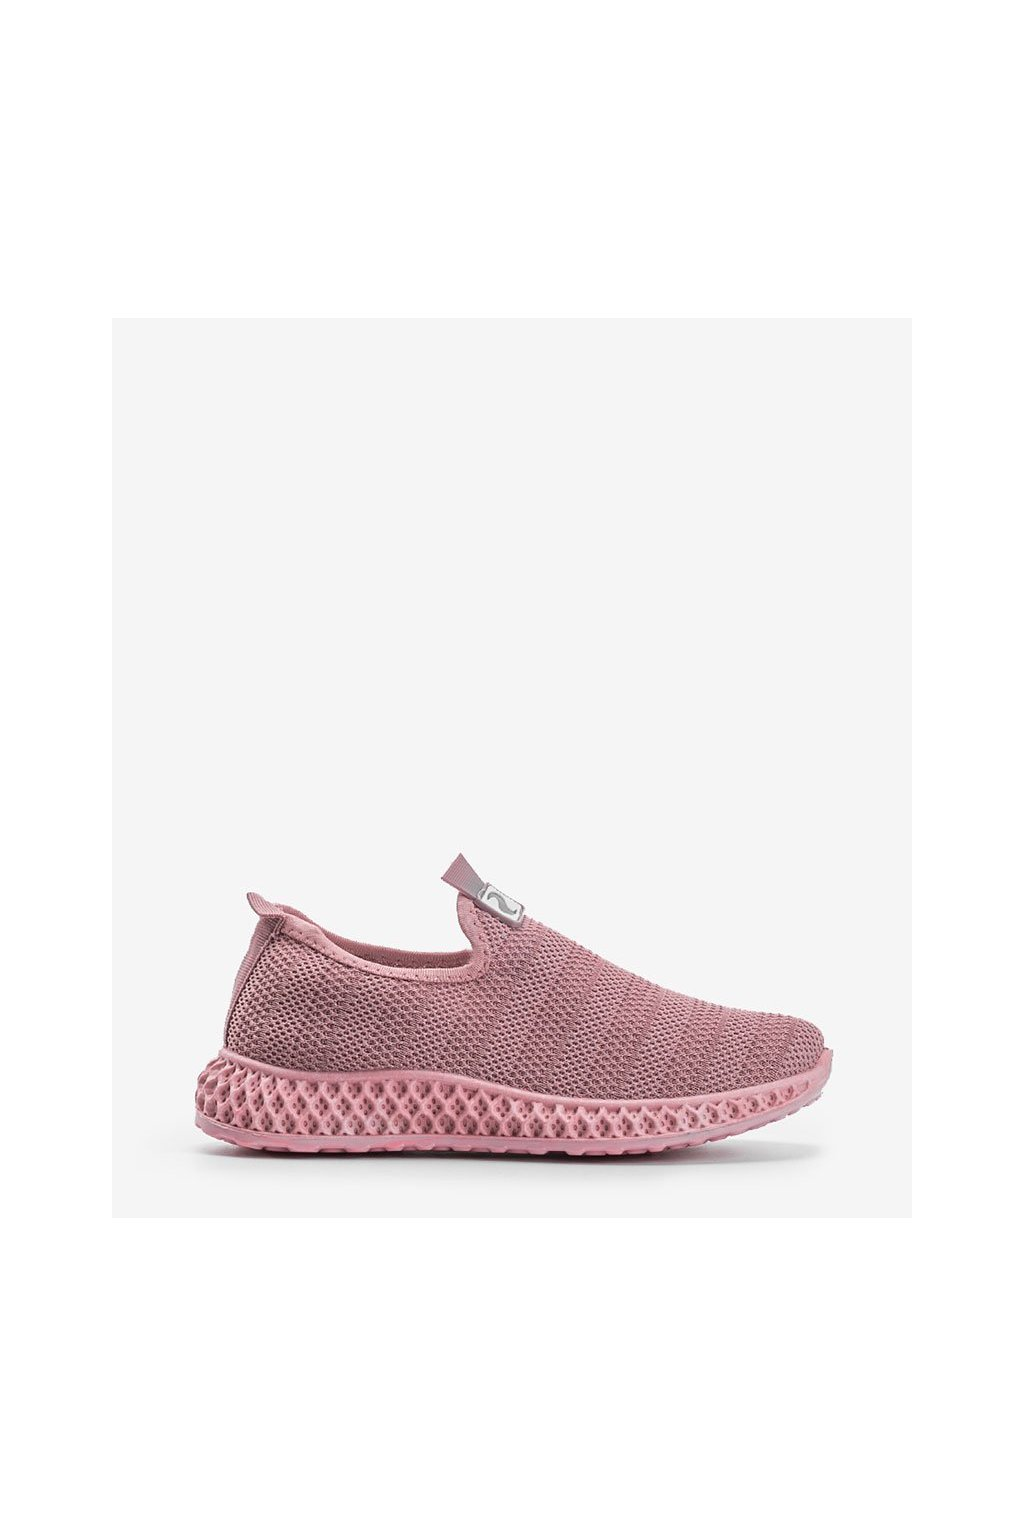 Dámske topánky tenisky ružové kód C096 ROSA - GM